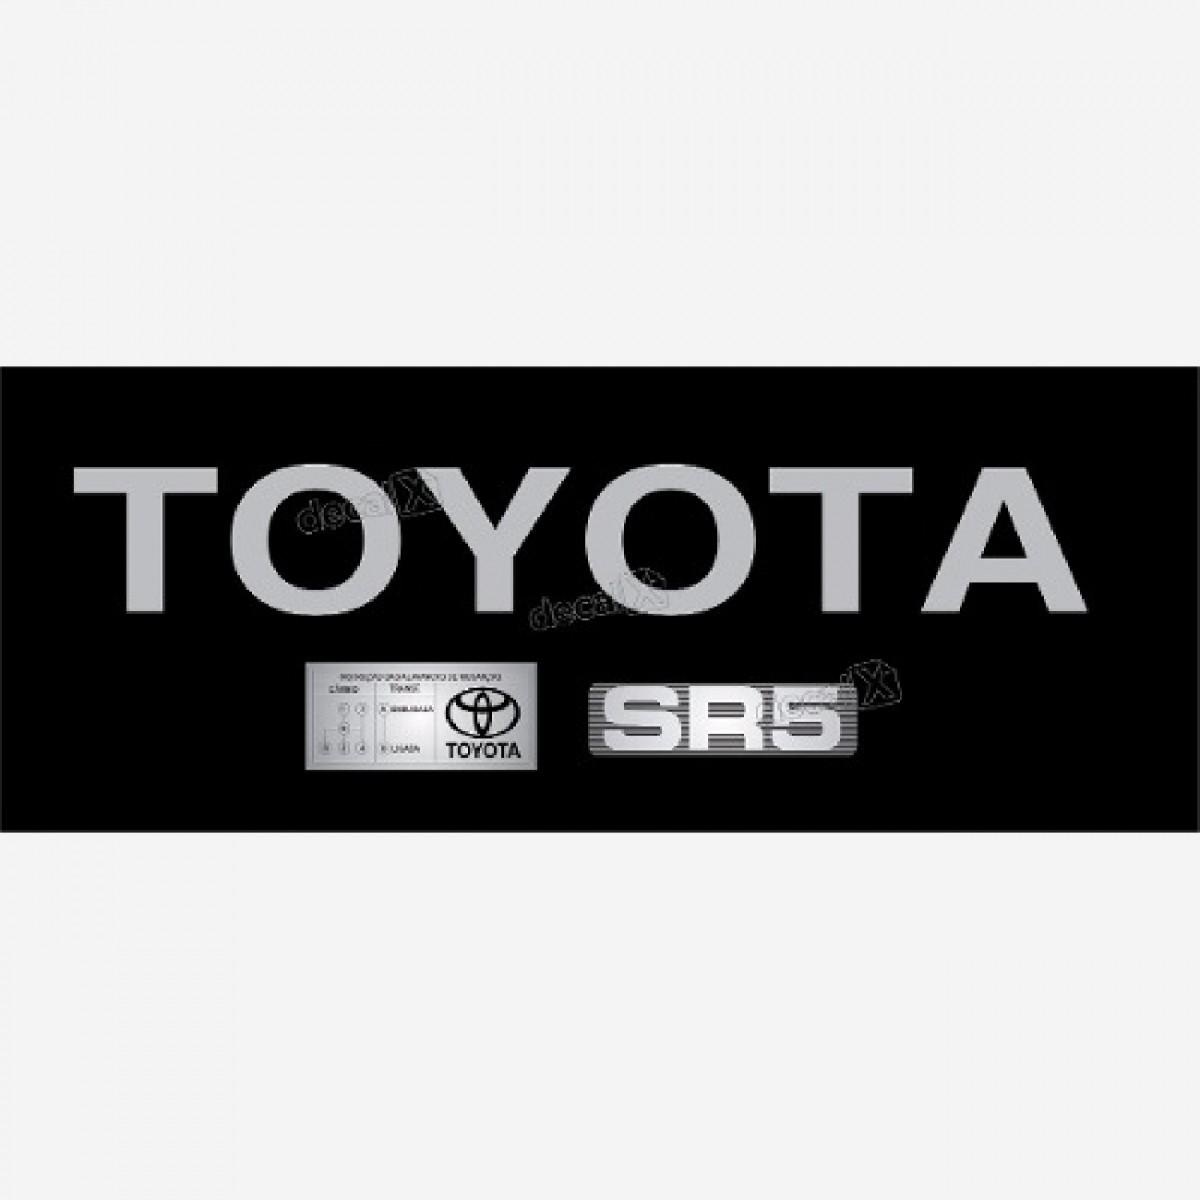 Adesivo Toyota Hilux Tampa Traseira + Sr5 + Etiqueta Kit05